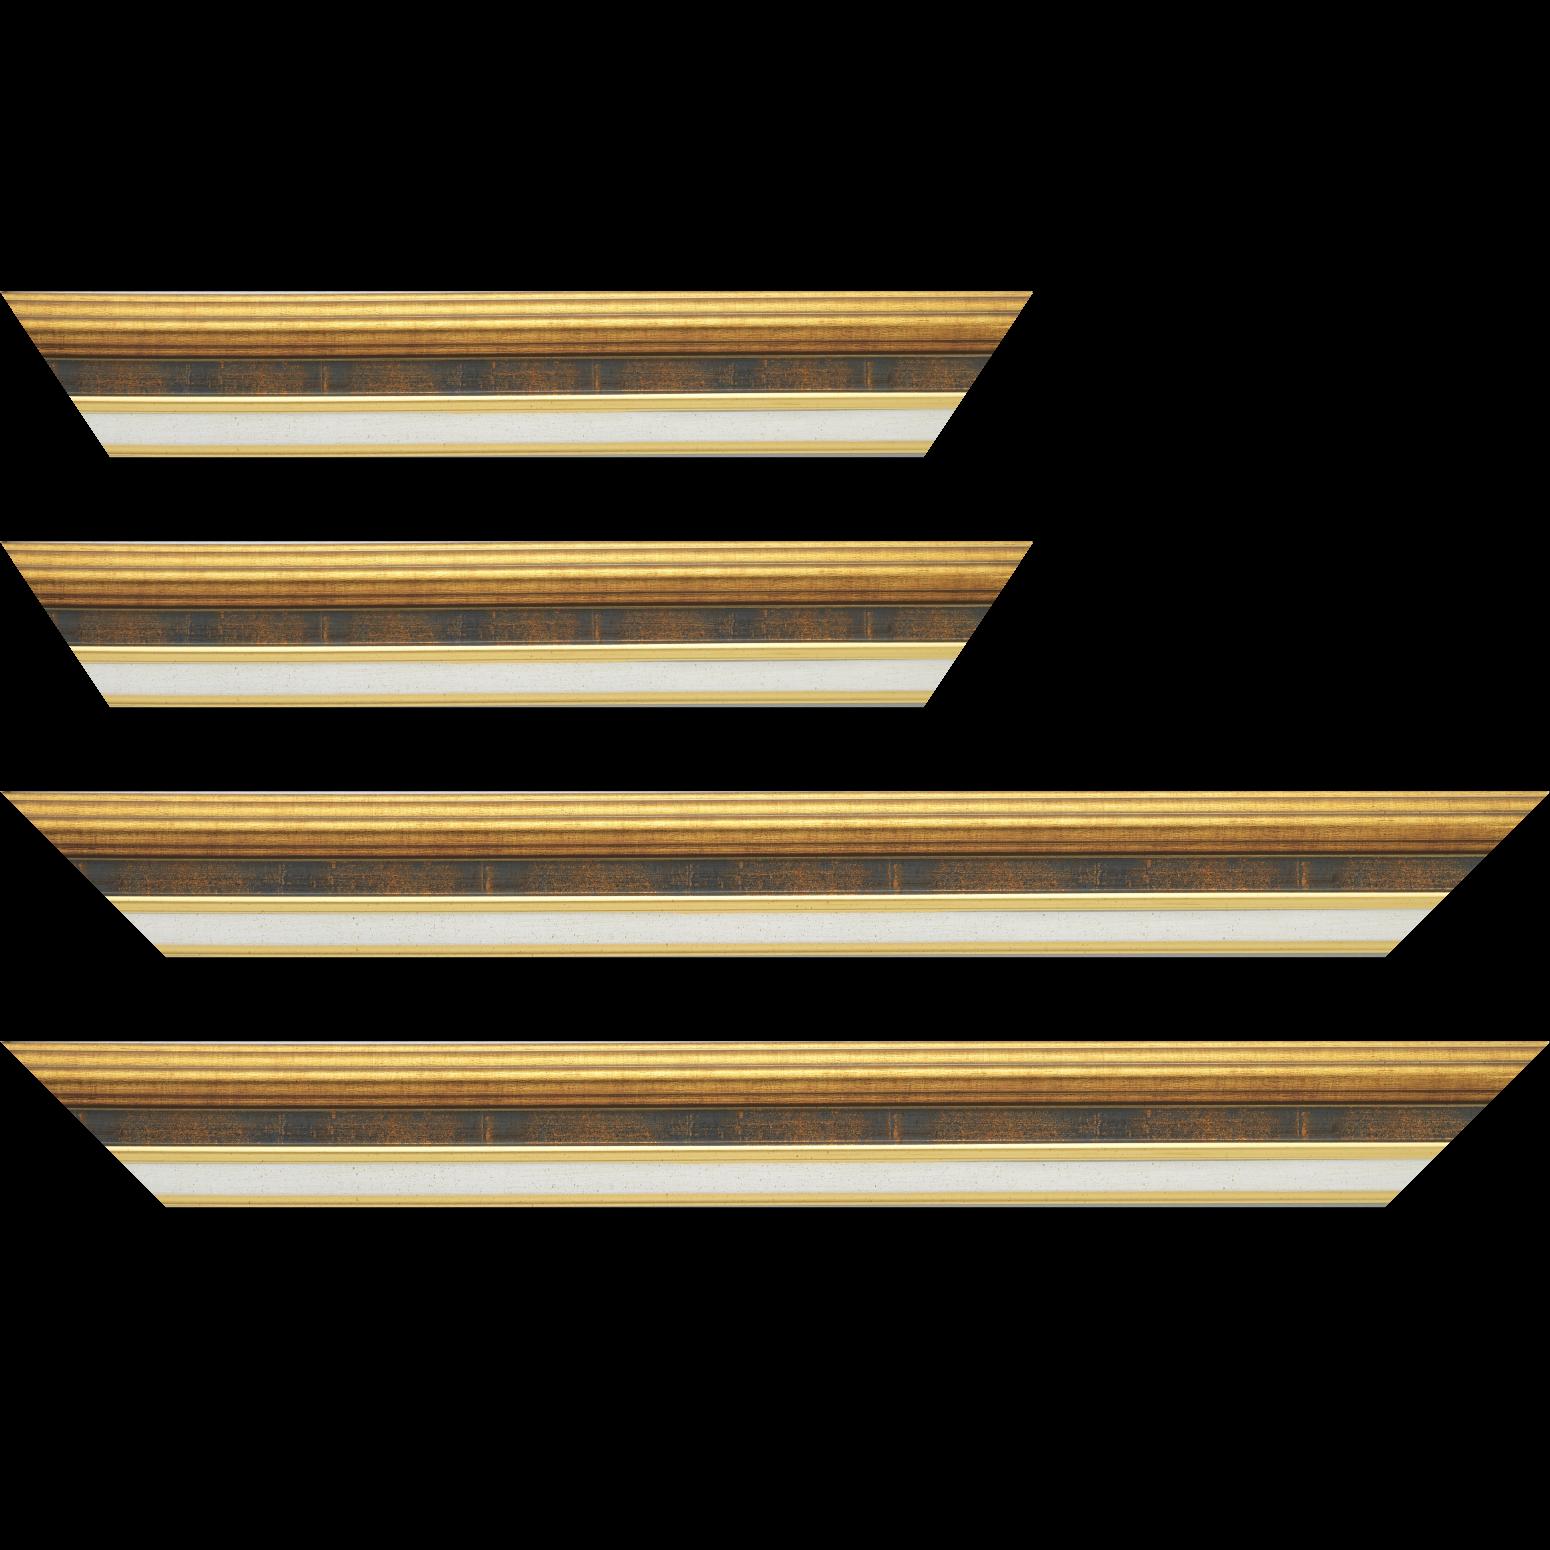 Baguette service précoupé Bois largeur 5.2cm or gorge bleu fond or marie louise crème filet or intégrée